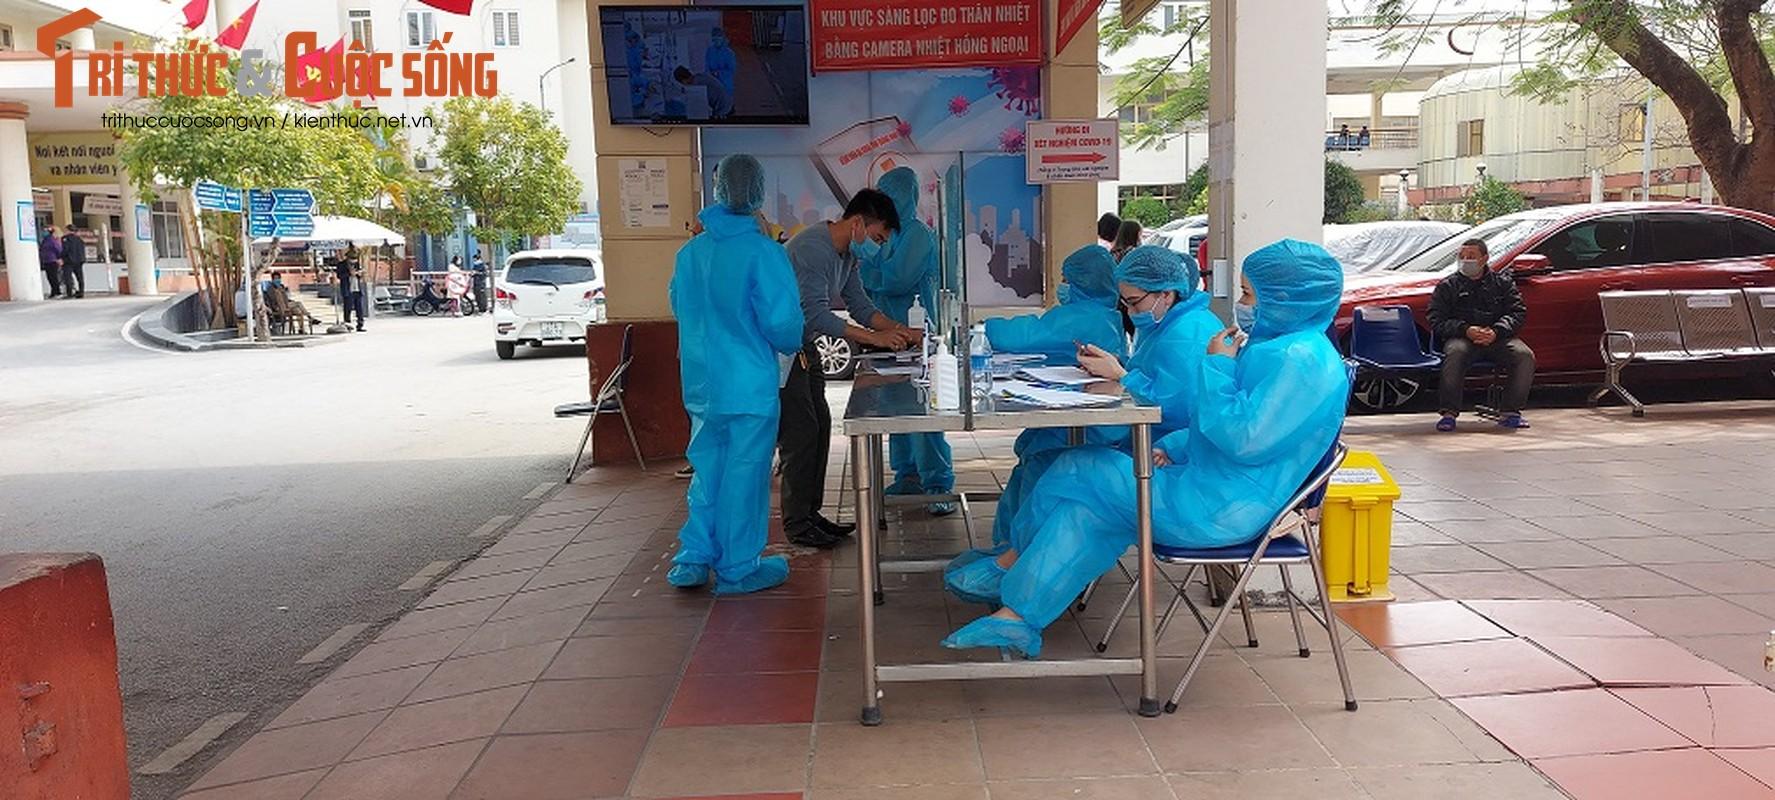 Can canh nguoi Quang Ninh di xet nghiem COVID-19 tra phi tai Benh vien-Hinh-4